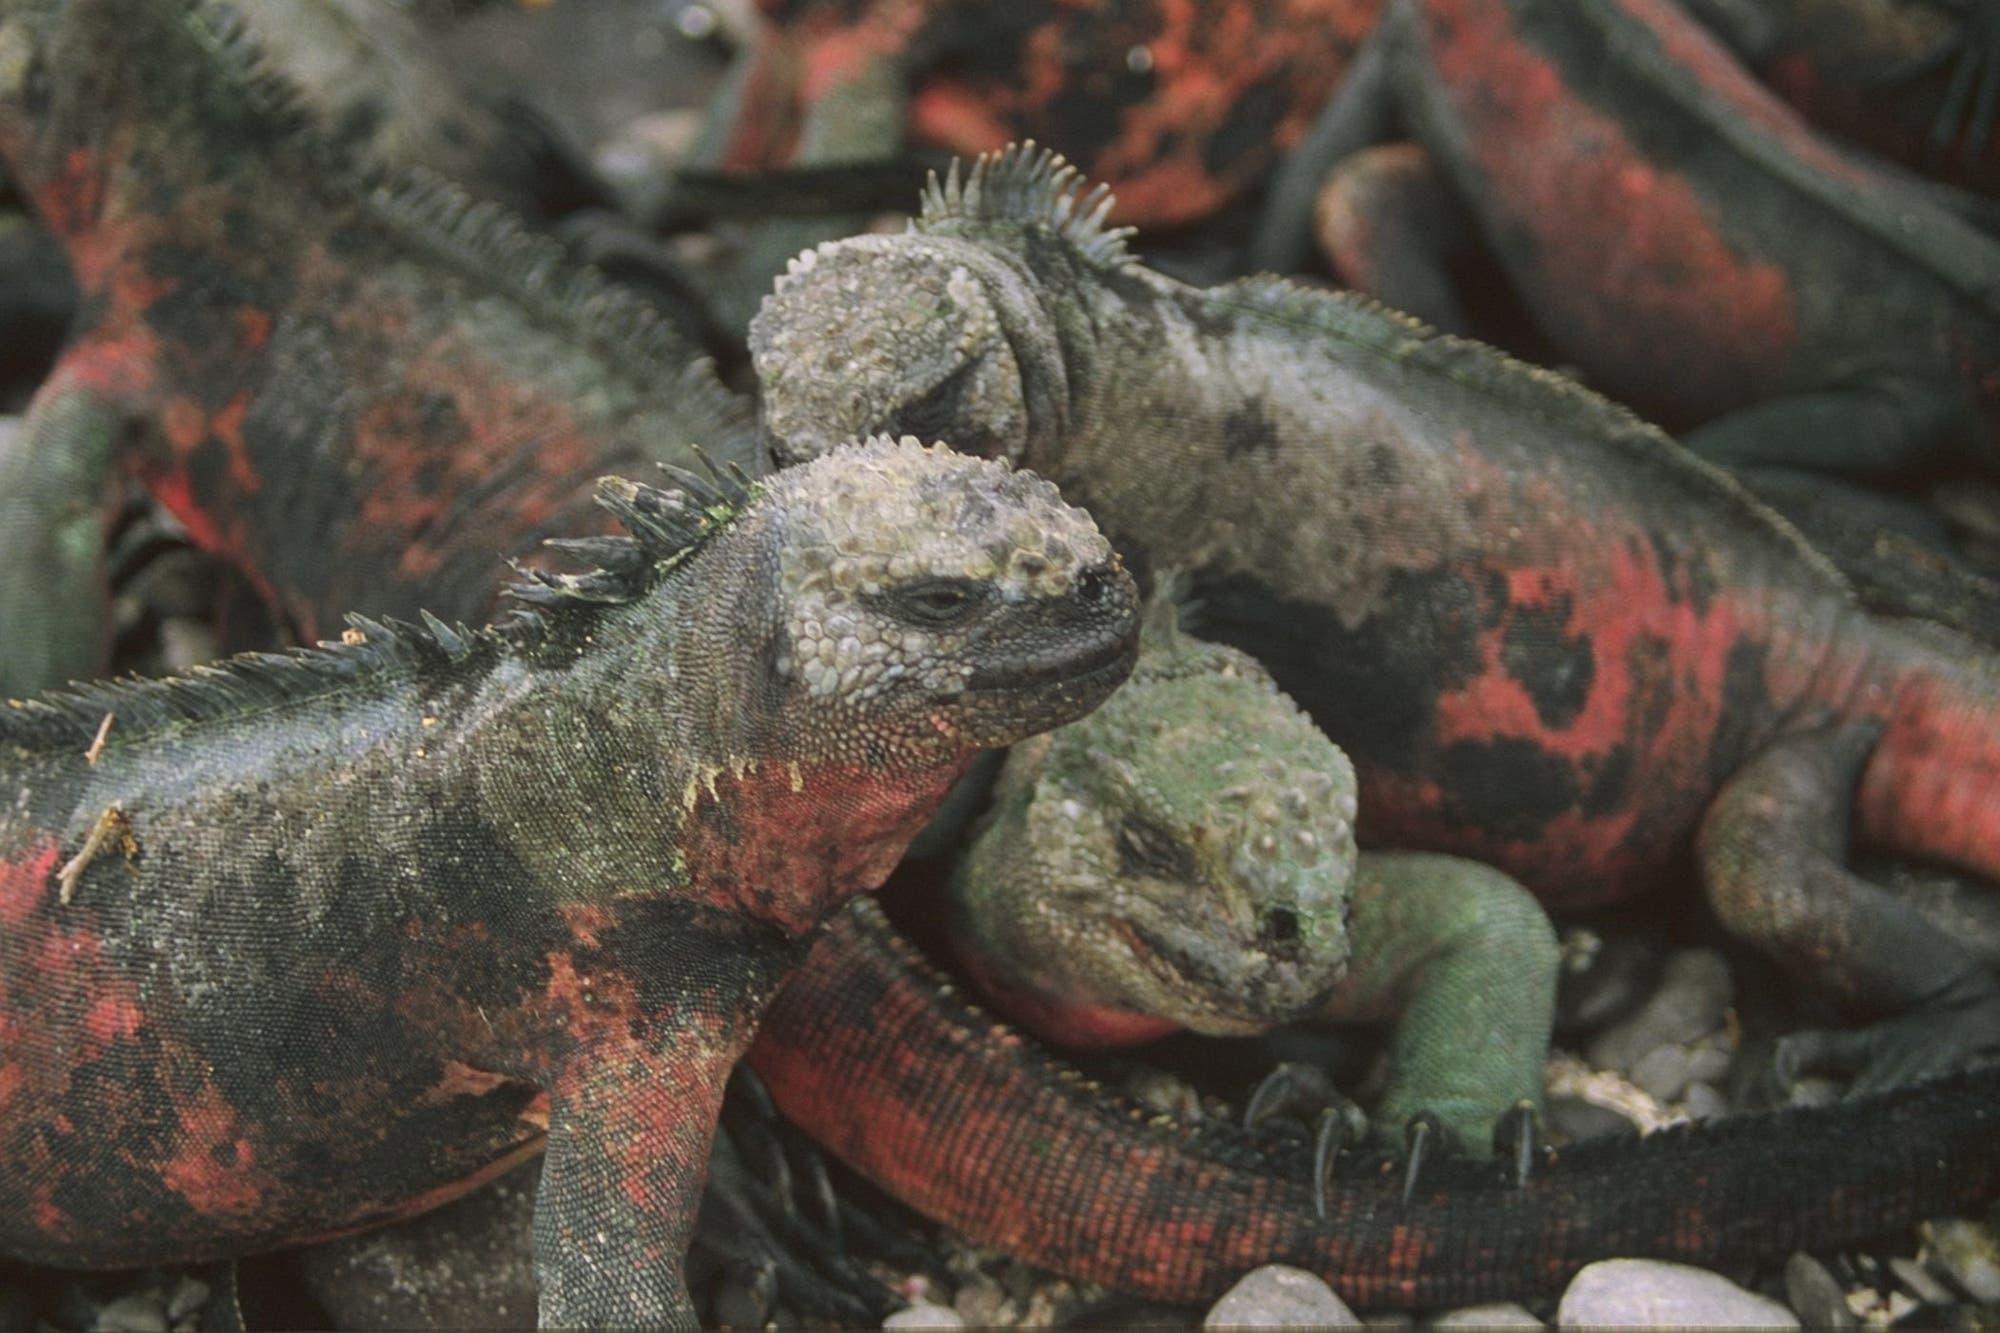 Dicht gepackt sind Meerechsen ein gefundenes Greifvogel-Fressen